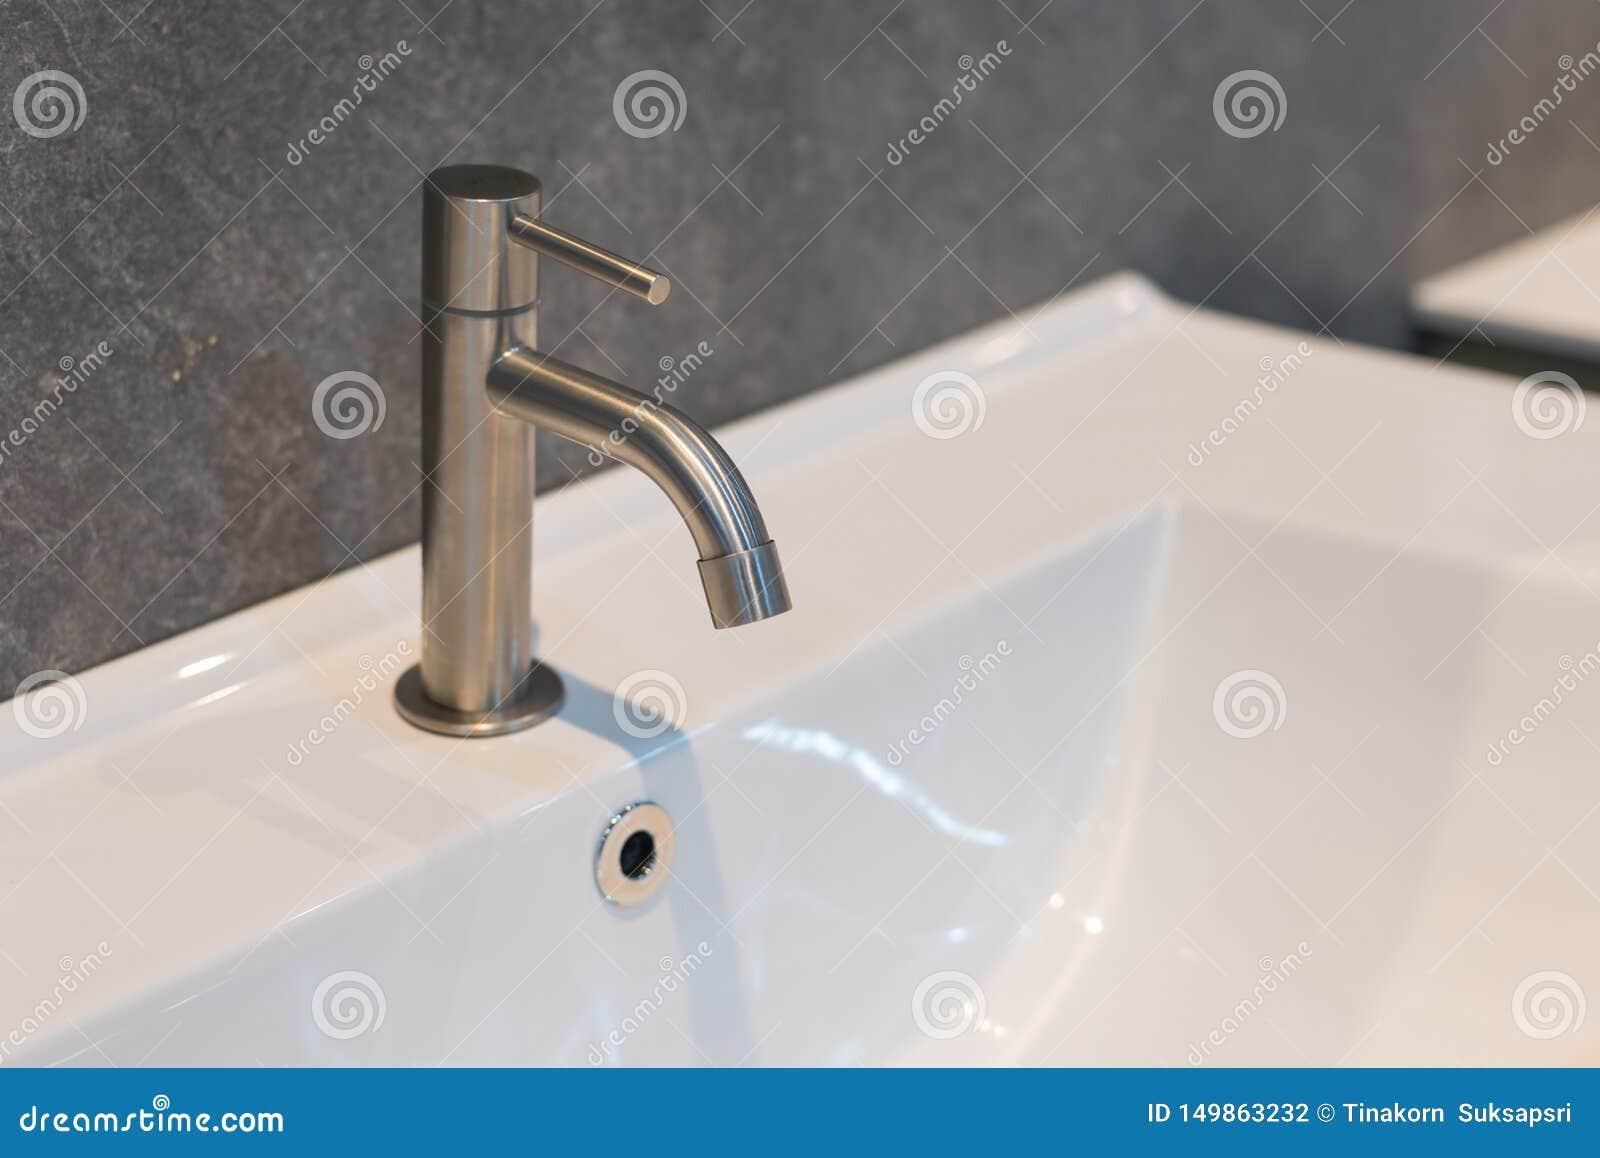 Contemporâneo moderno da decoração interior do banheiro do torneira